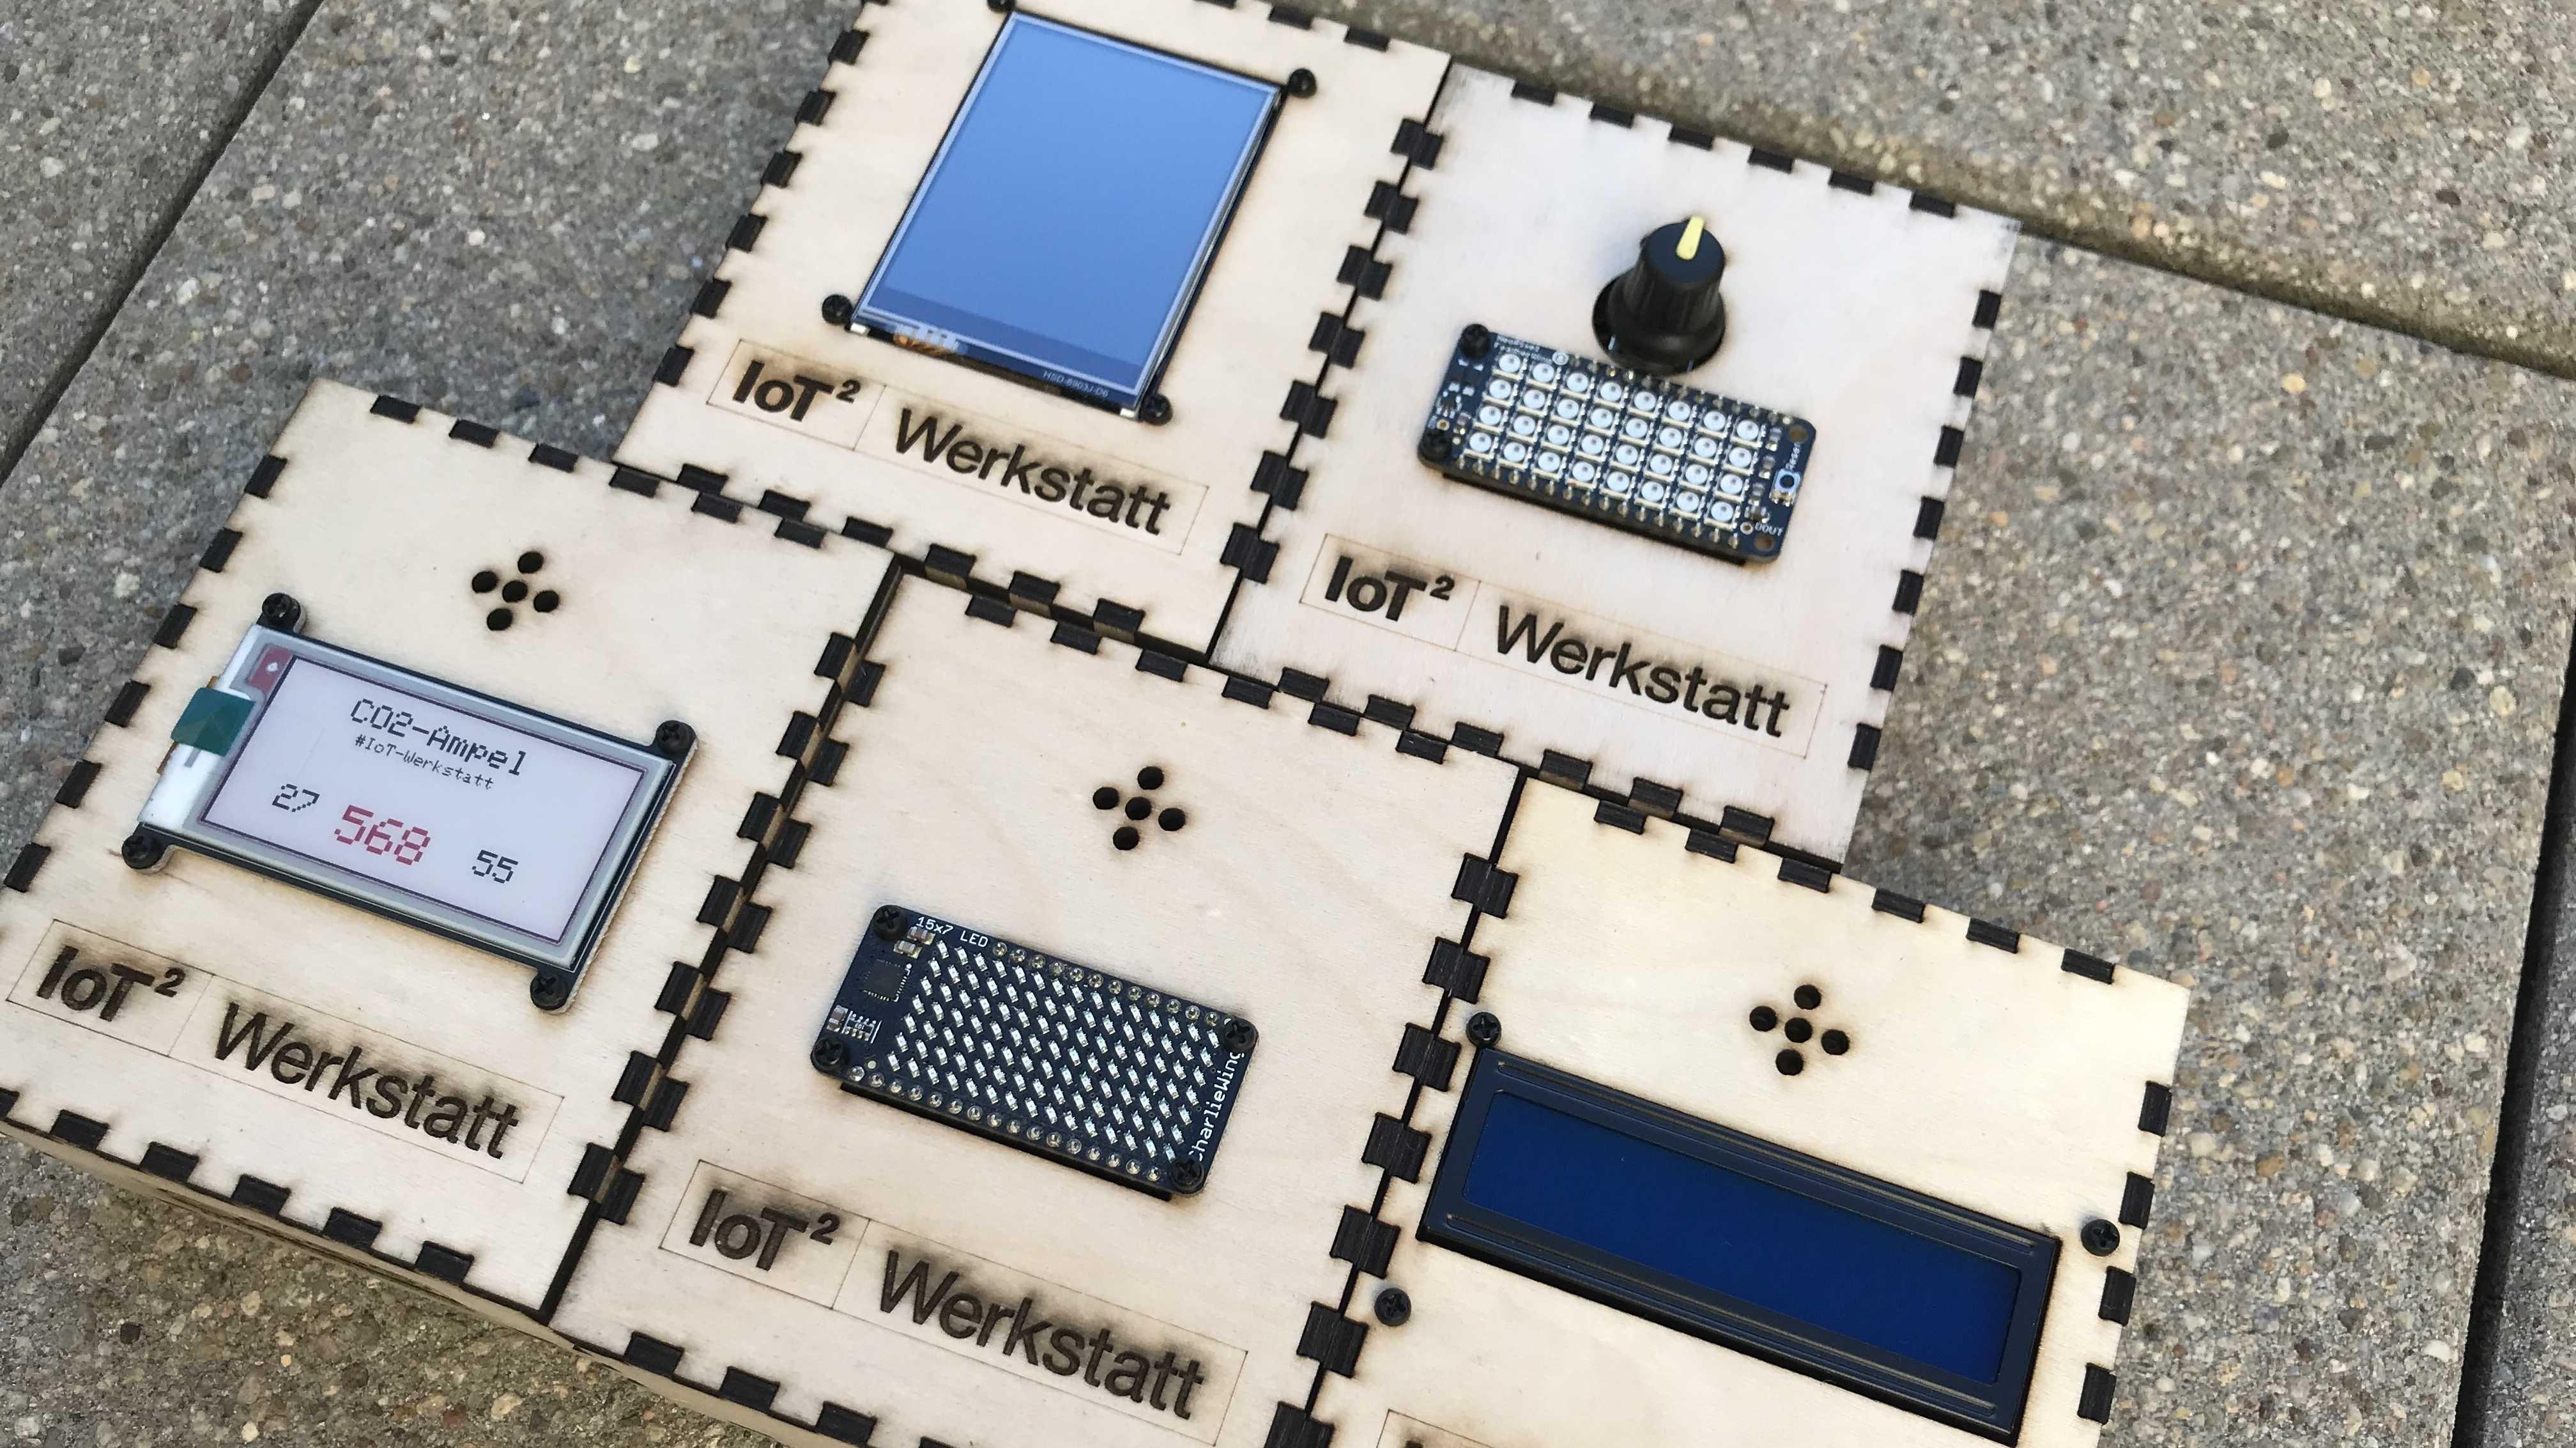 Nebeneinander liegen fünf CO2-Ampeln aus Holz, mit unterschiedlichen Displays, wie E-Paper und Adafruit Charlieplex Featherwing.